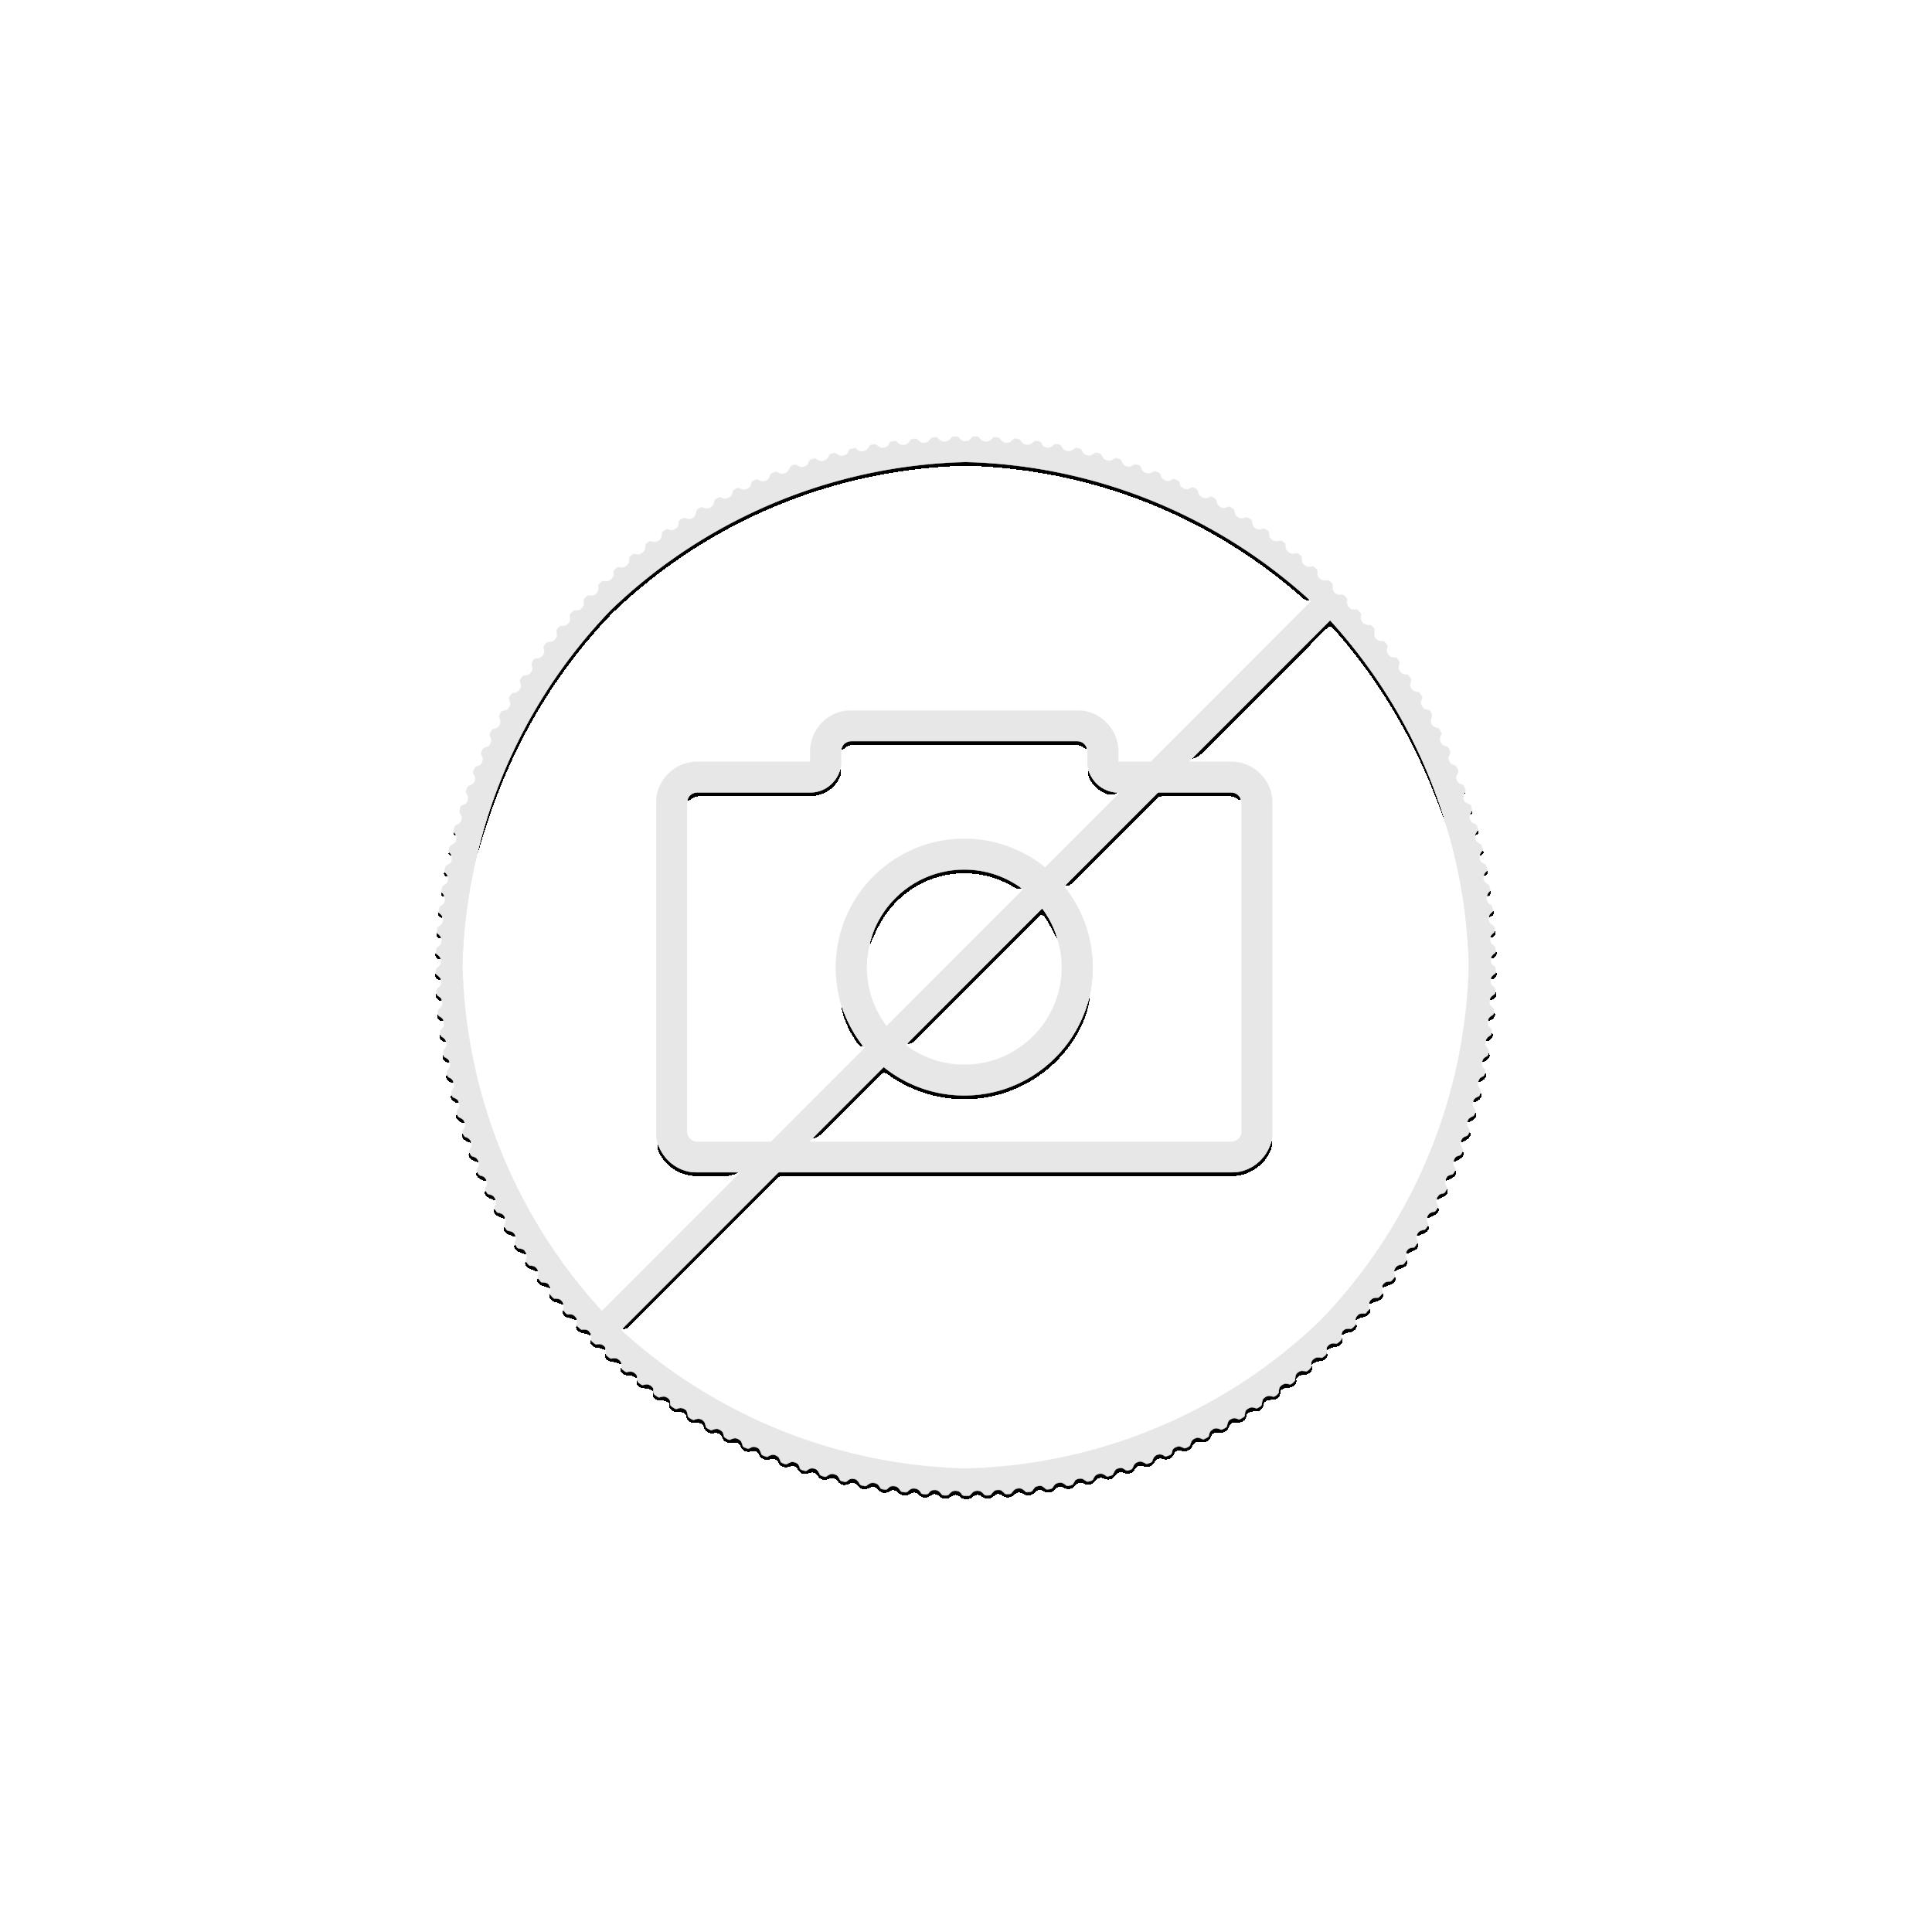 Zilveren munt ijsberen Canada 2020 - in box